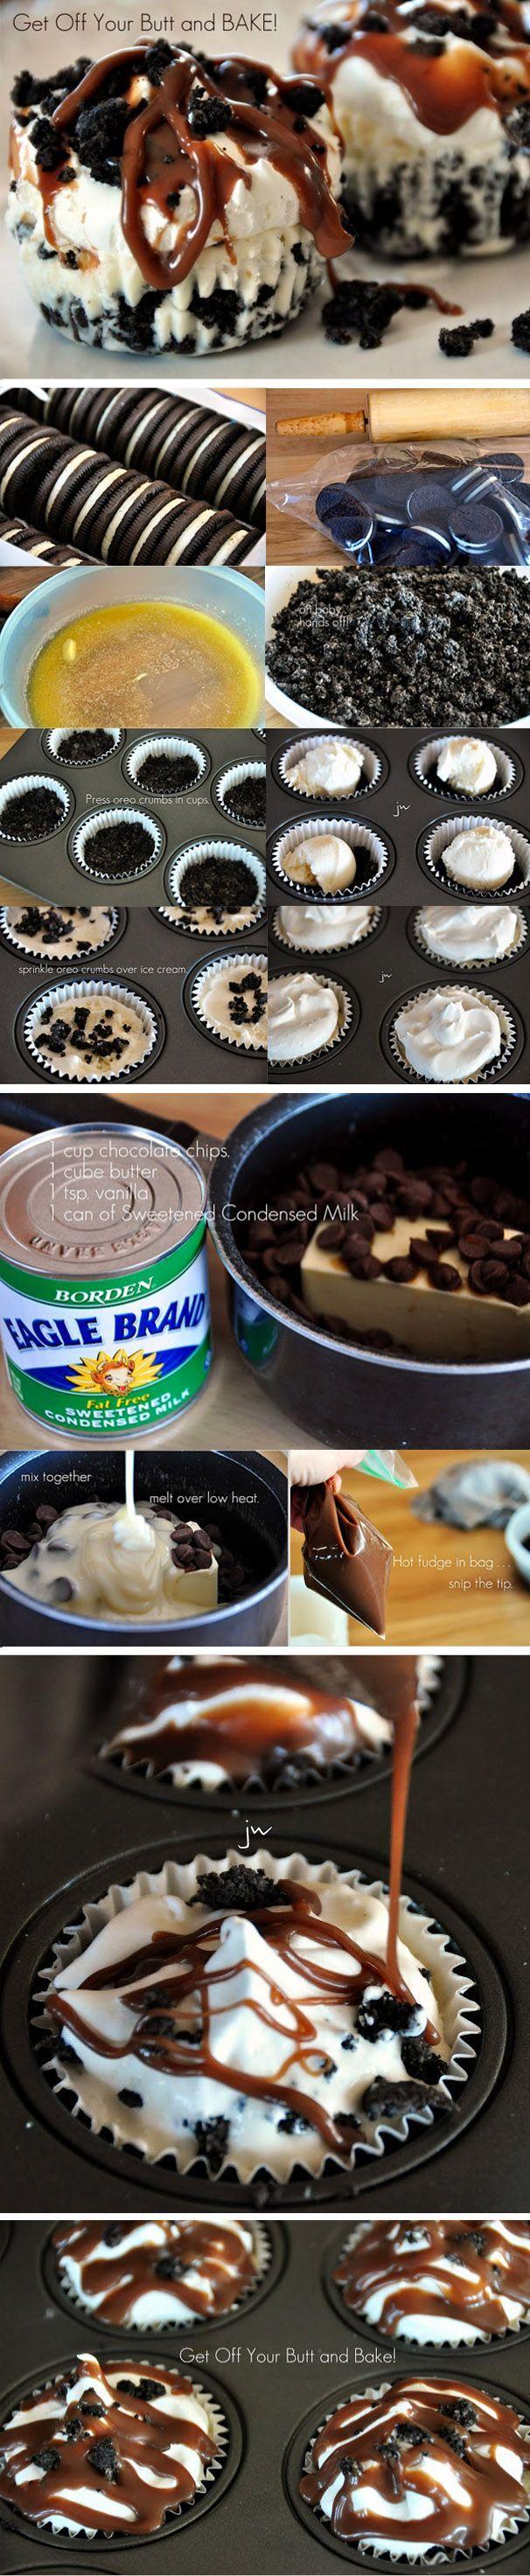 Cupcakes helados de chocolate y oreos | Pecados de Reposteria